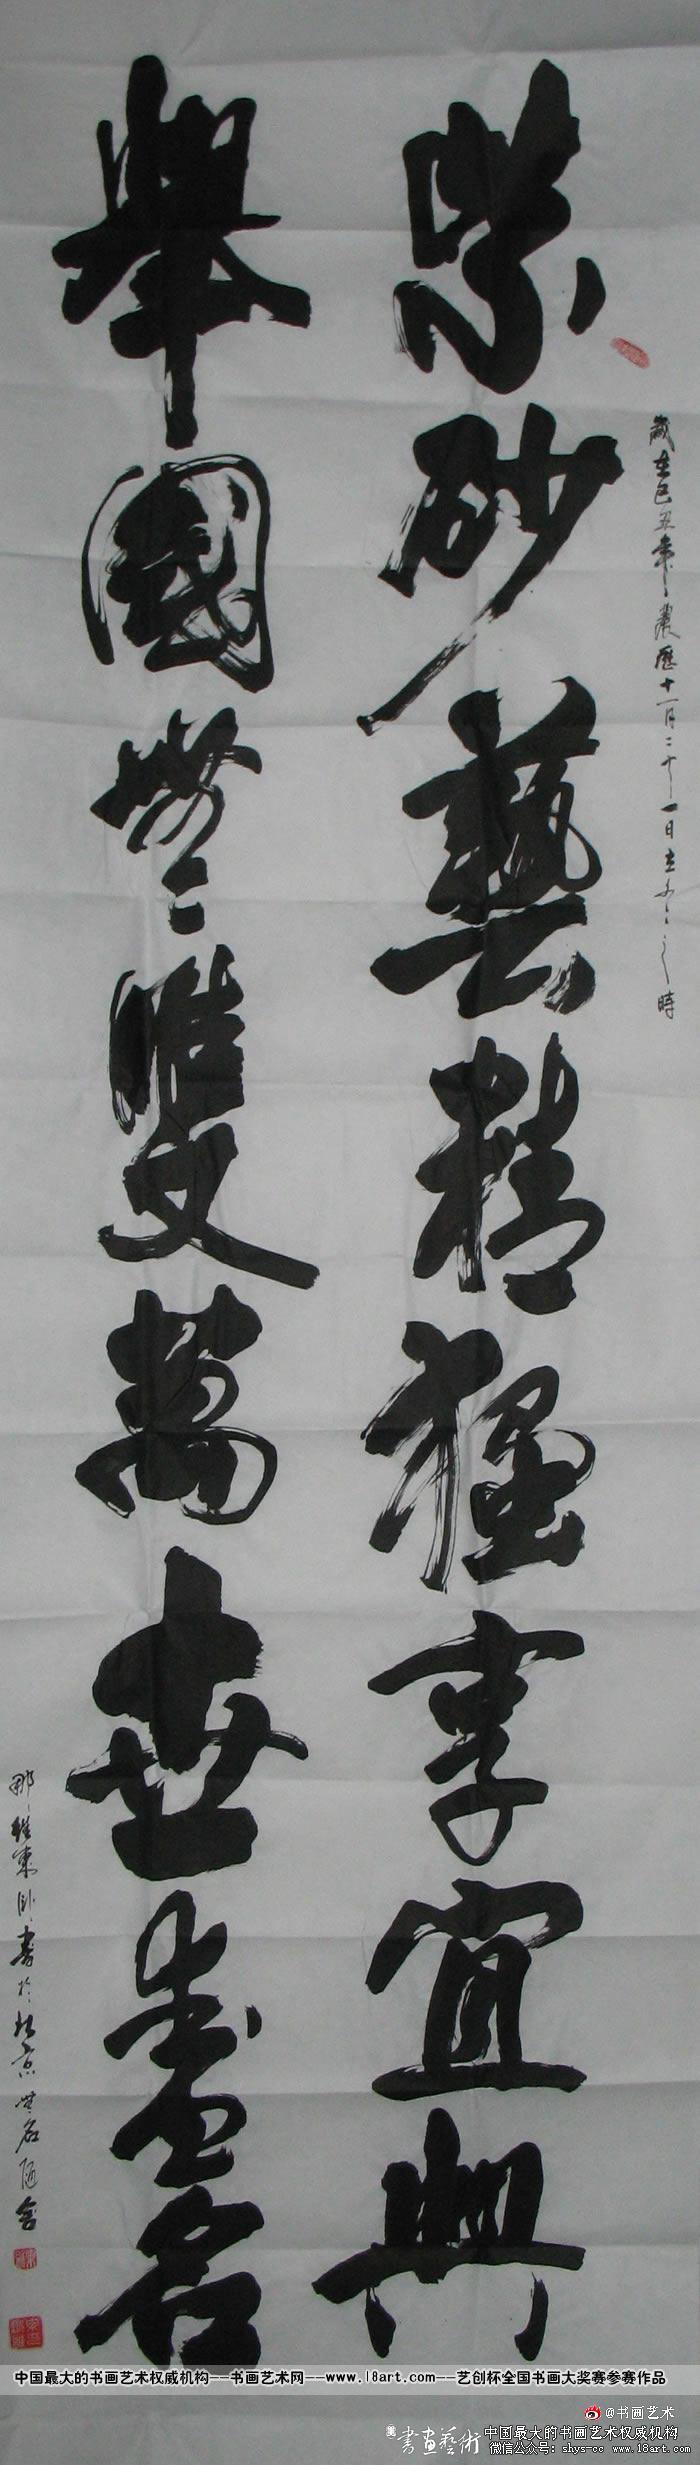 参赛者:北京海淀--那维东--1949